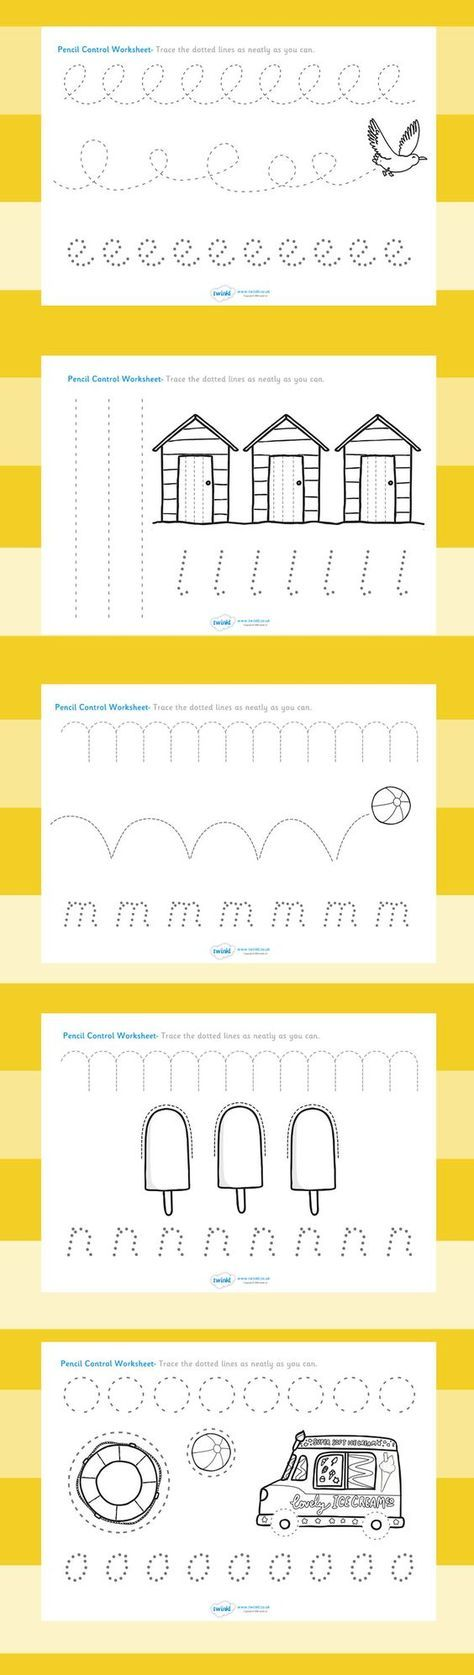 worksheet 2nd Grade Handwriting Worksheets 1000 ideas about handwriting worksheets on pinterest free line preschool freebie printable